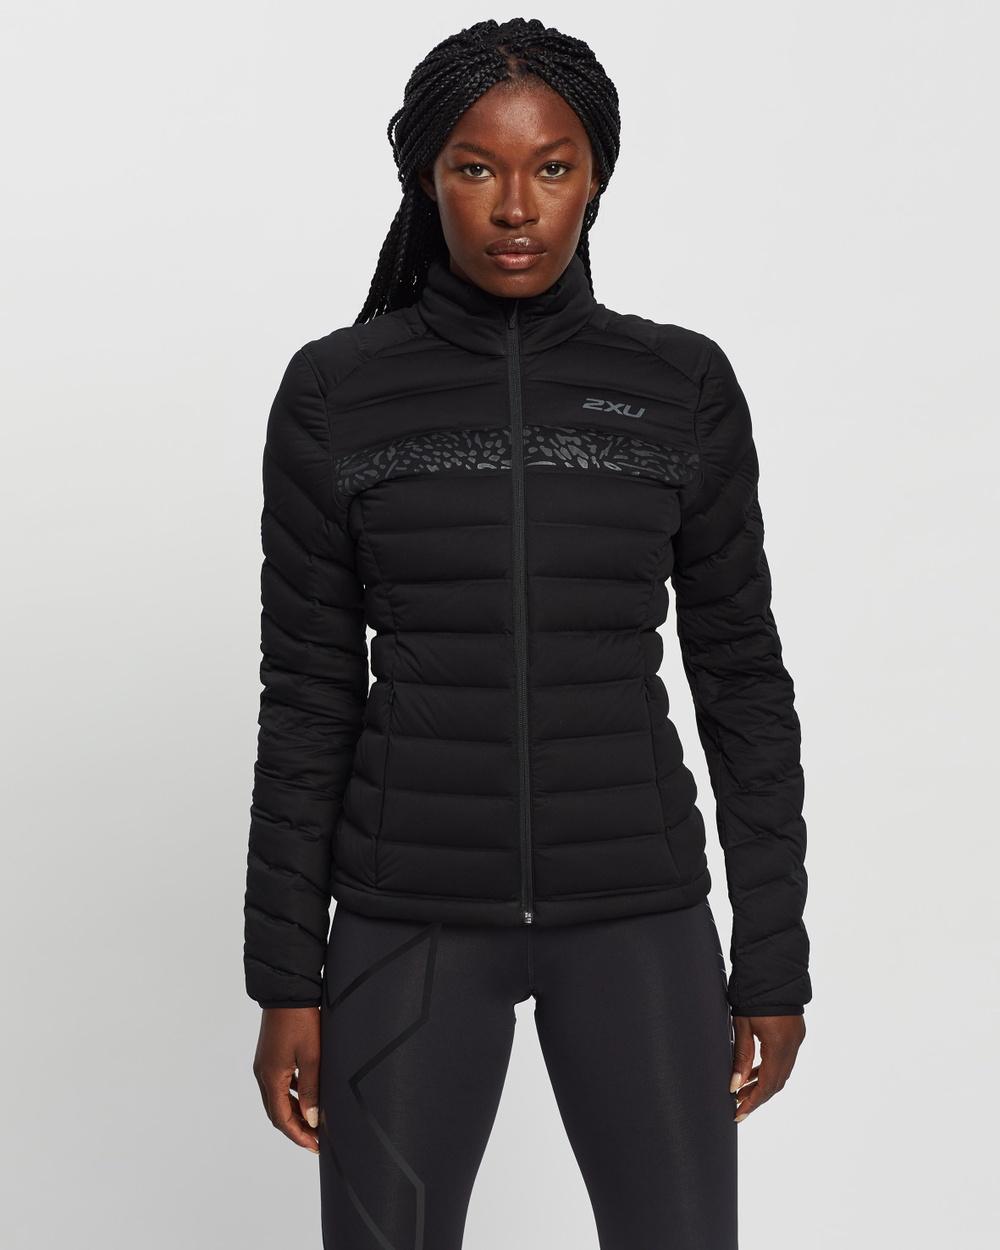 2XU Ignition Insulation Jacket Coats & Jackets Black Black Reflective